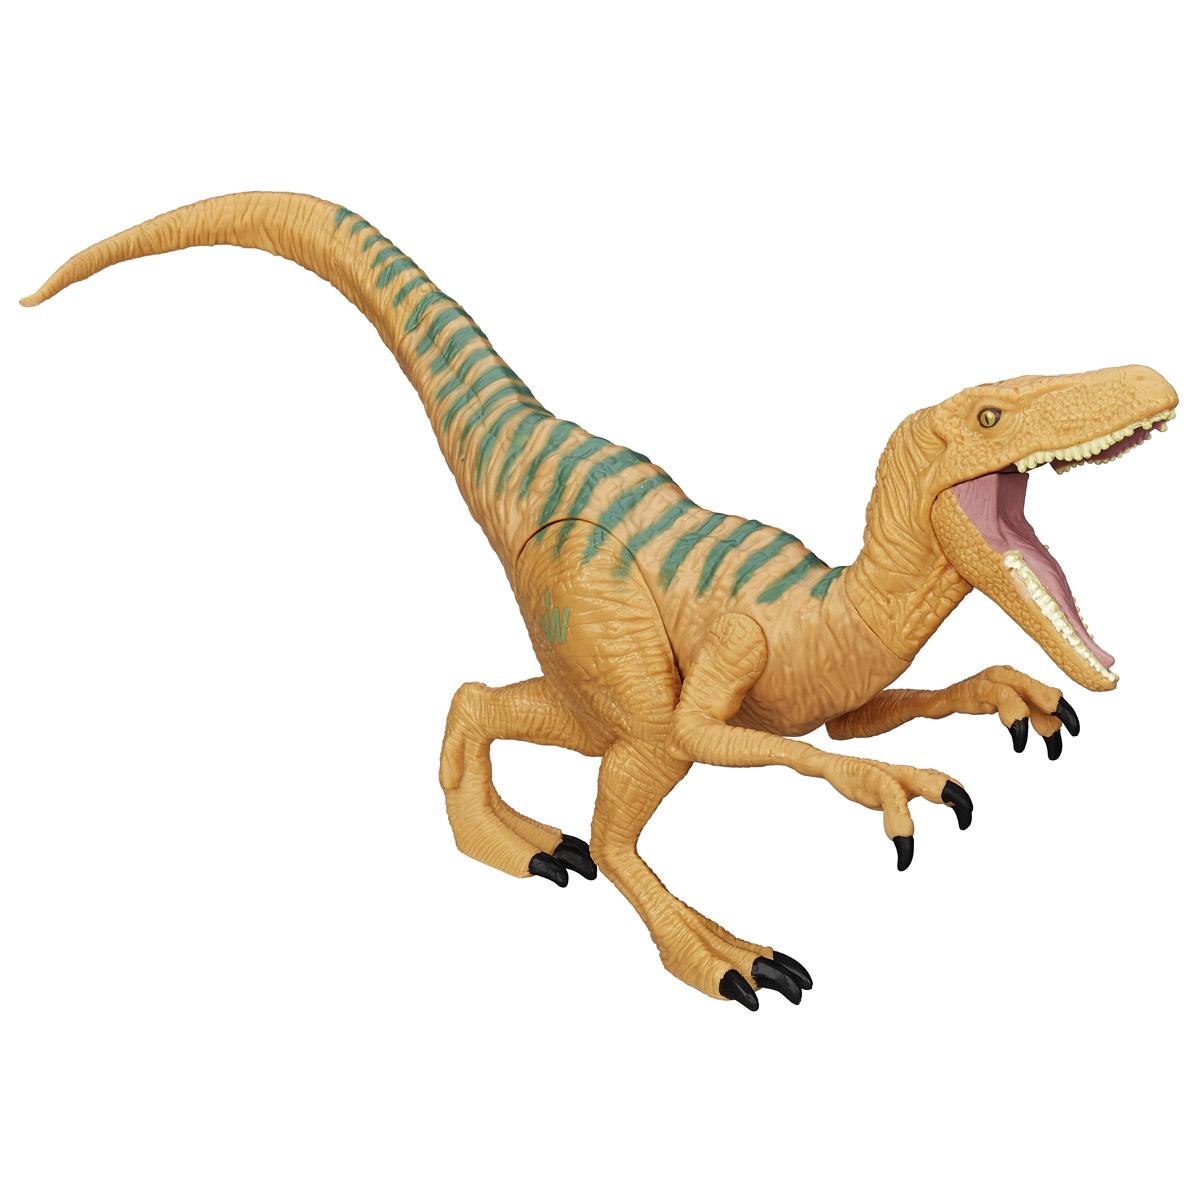 Фигурка Jurassic World Титаны: Velociraptor EchoB1139 B1142_ VELOCIRAPTOR  ECHOФигурка динозавра Jurassic World Титаны: Velociraptor Echo непременно понравится вашему ребенку! Любителям реалистичных имитаций обитателей животного мира в доисторический период данное изделие подойдет как нельзя лучше. Велоцираптор Эхо - очень качественная фигурка, которая обладает отличной детализацией и сохранением пропорций тела динозавра. Игрушка изготовлена из безопасных и надежных материалов, на высоком уровне имитирующих особенности кожи древних ящеров. Верхние конечности фигурки двигаются. Ваш ребенок часами будет играть с фигуркой, придумывая различные истории. Порадуйте его таким замечательным подарком!